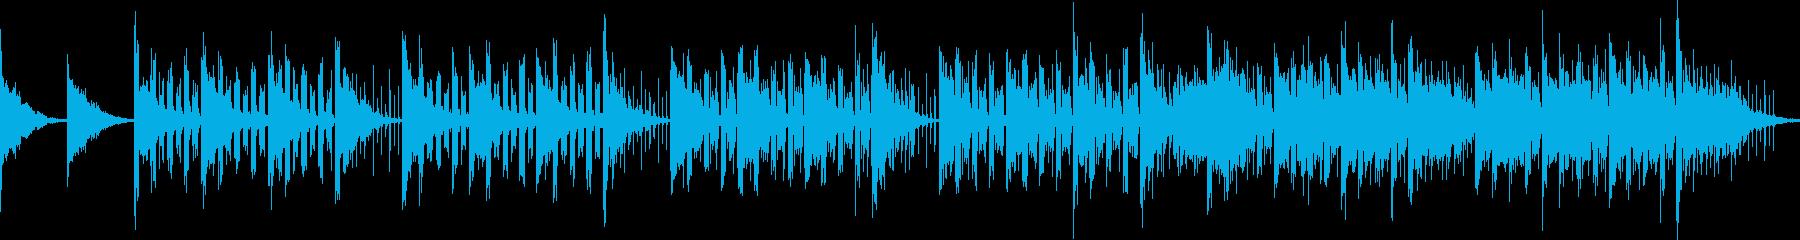 宇宙SF的なイメージのエレクトロBGMの再生済みの波形